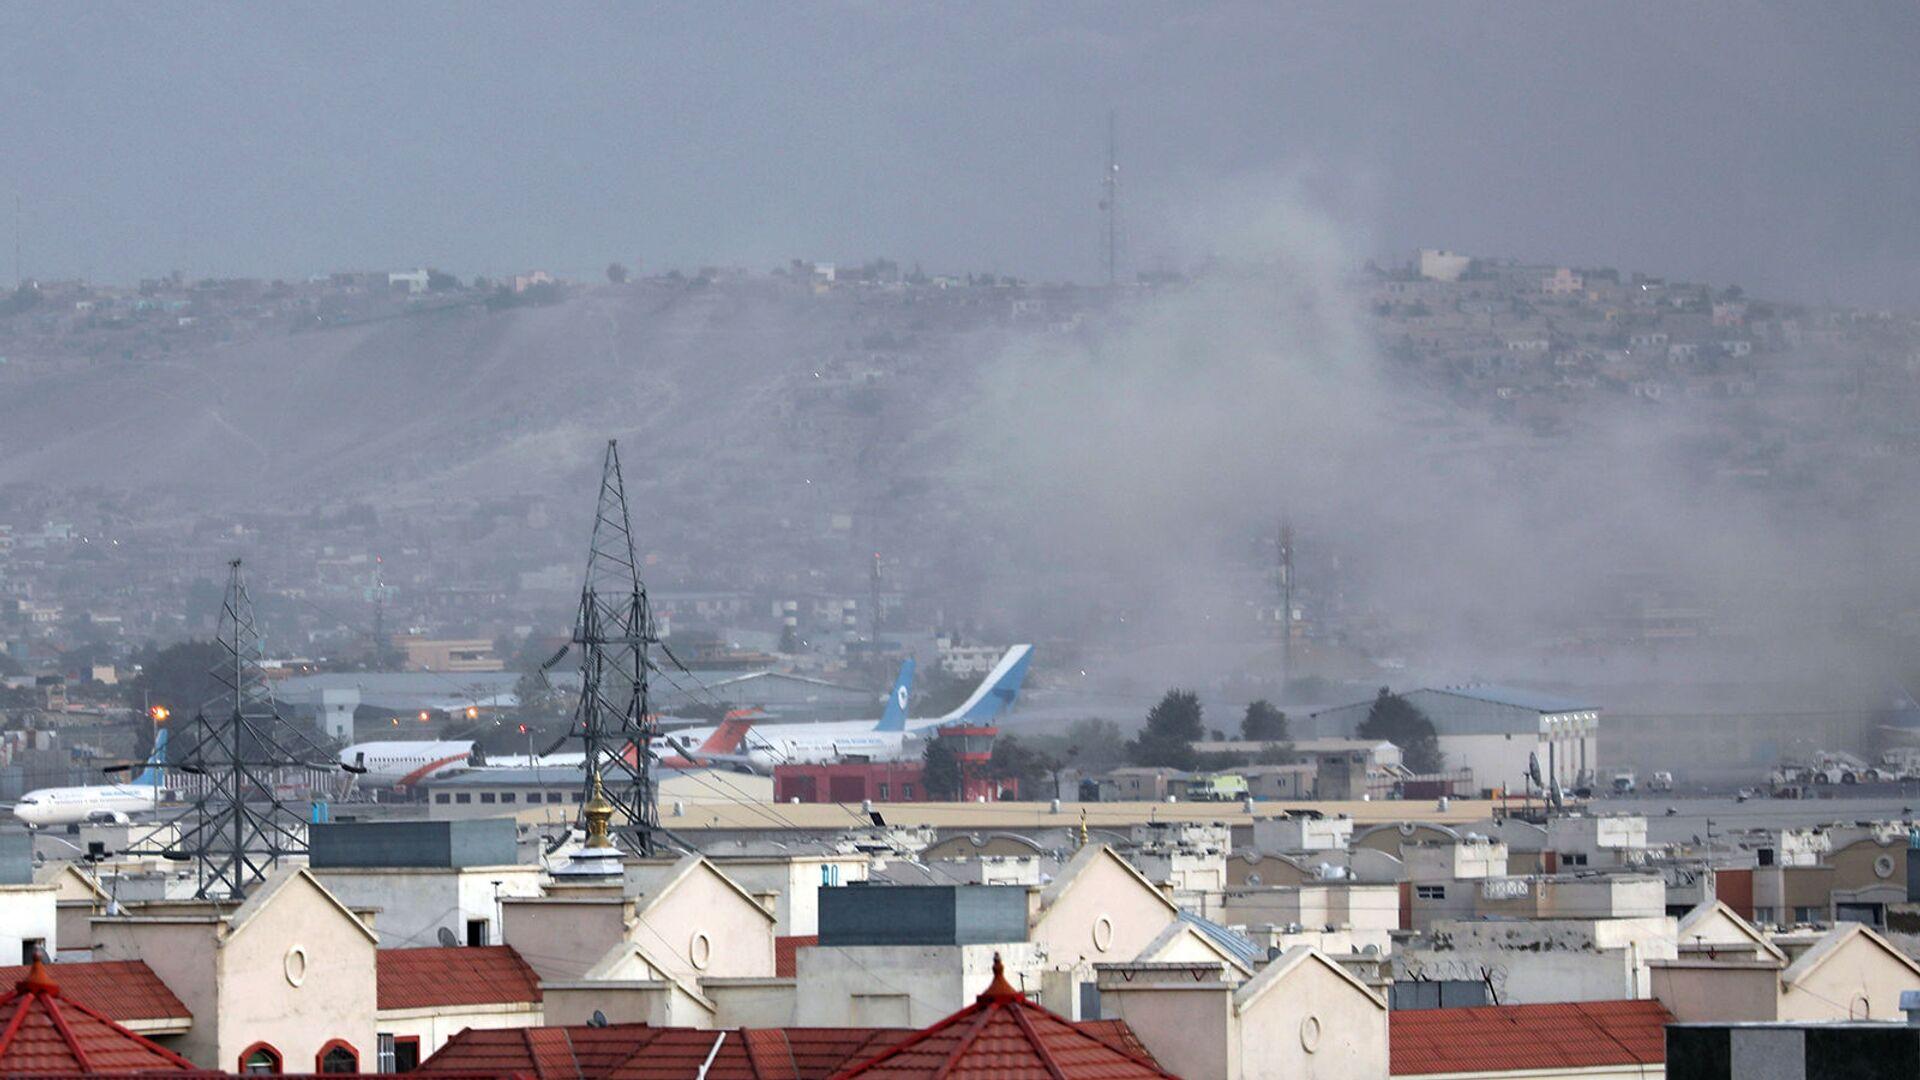 Дым от взрыва возле аэропорта в Кабуле (26 августа 2021). Афганистан - Sputnik Армения, 1920, 17.09.2021